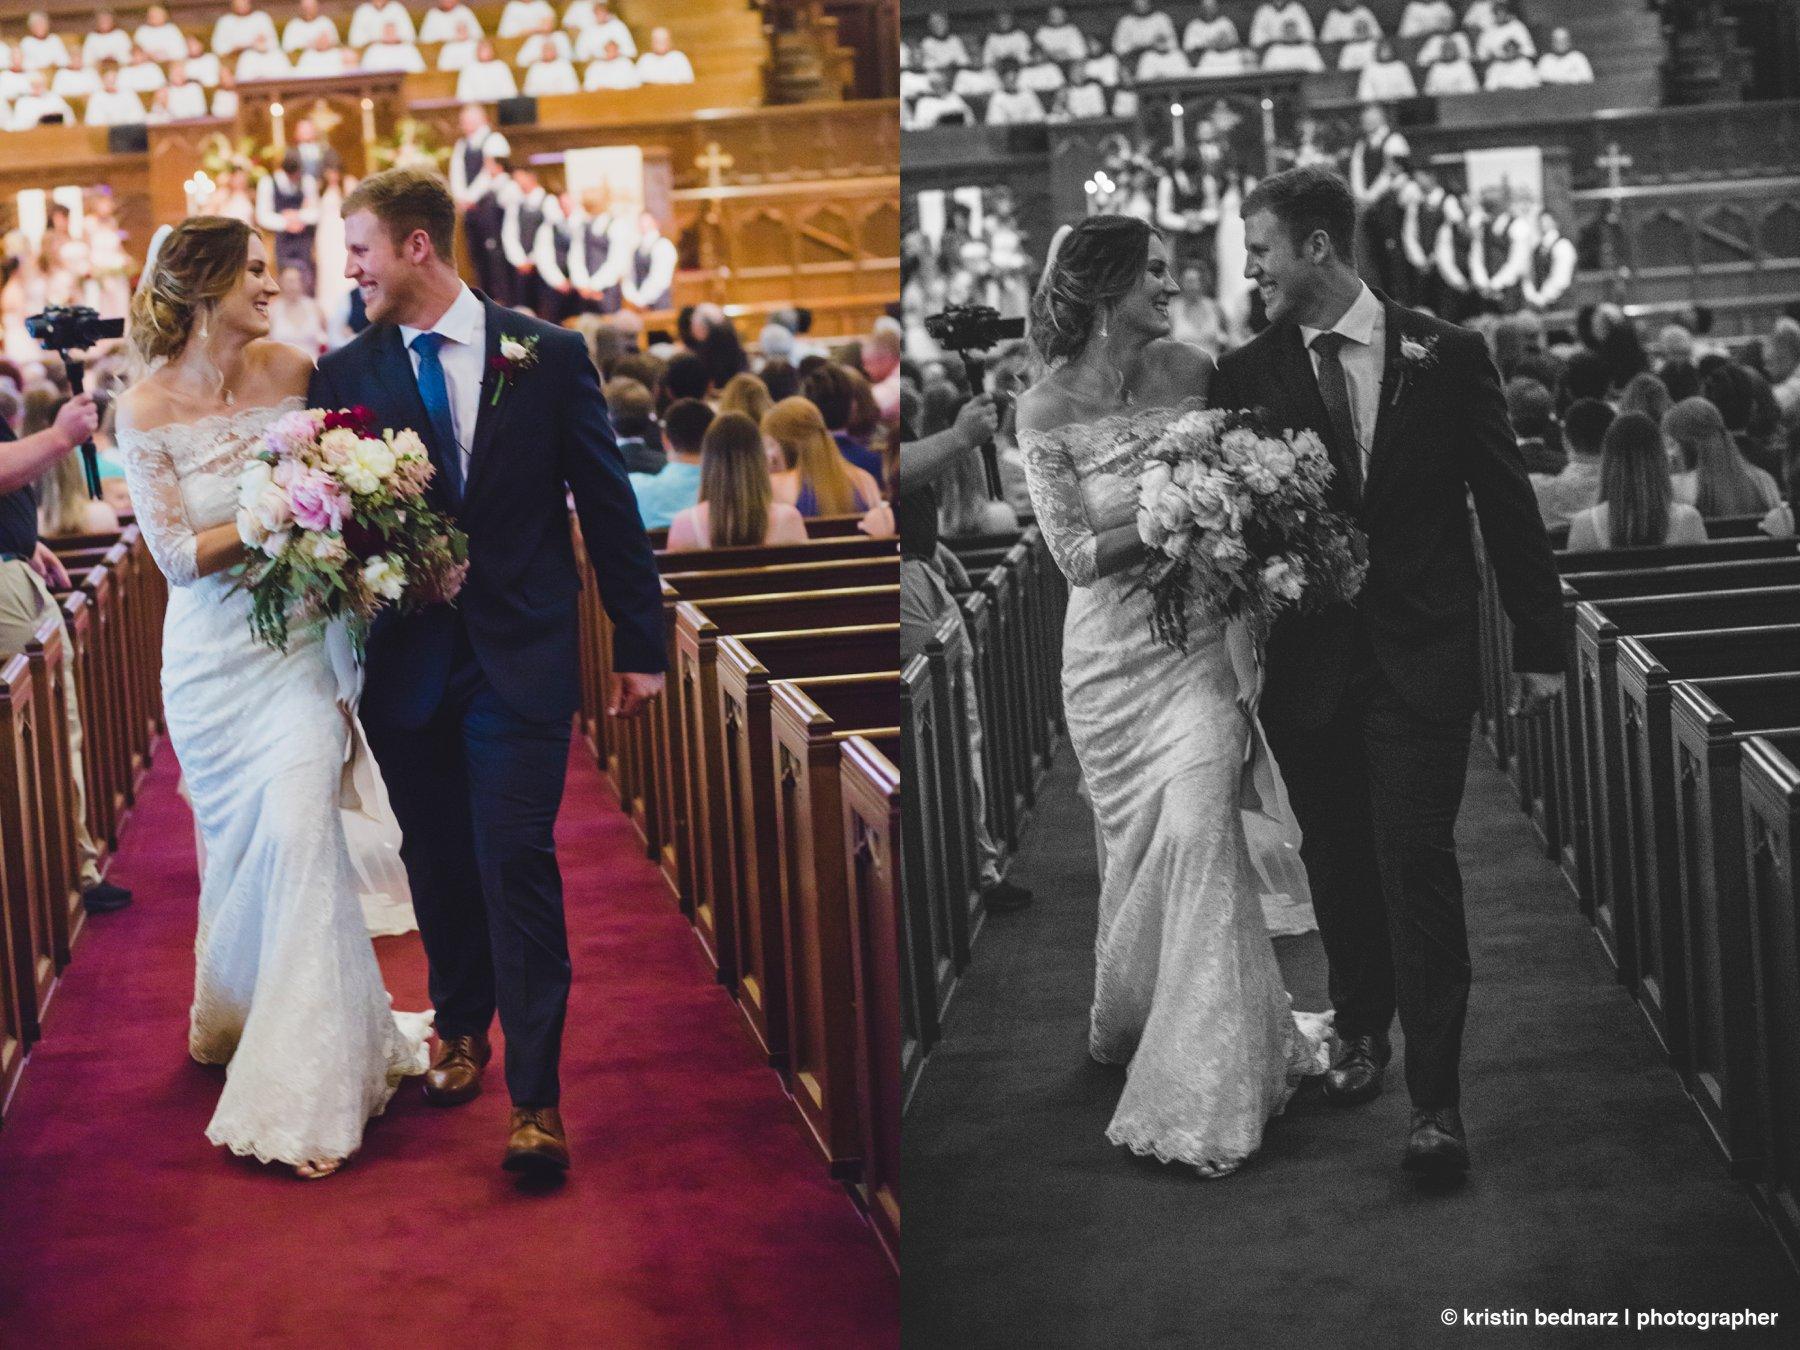 Krisitin_Bednarz_Lubbock_Wedding_Photographer_20180602_0067.JPG